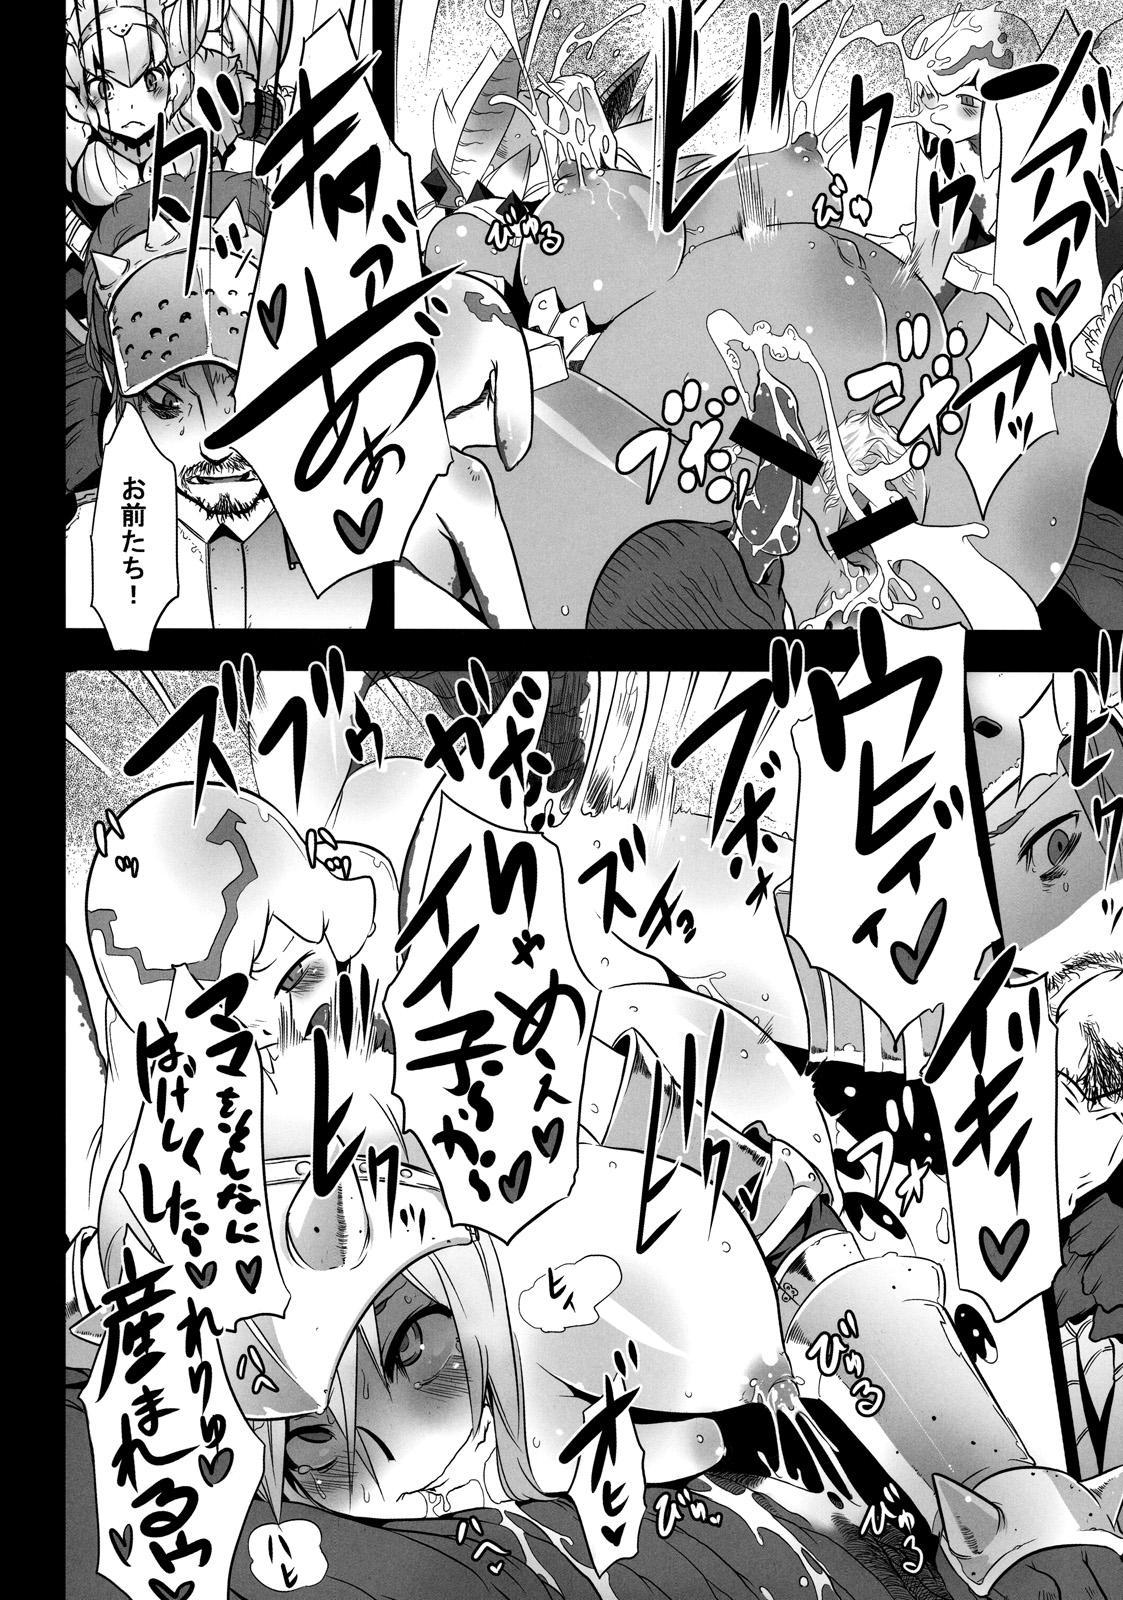 Hanshoku Nebura 37